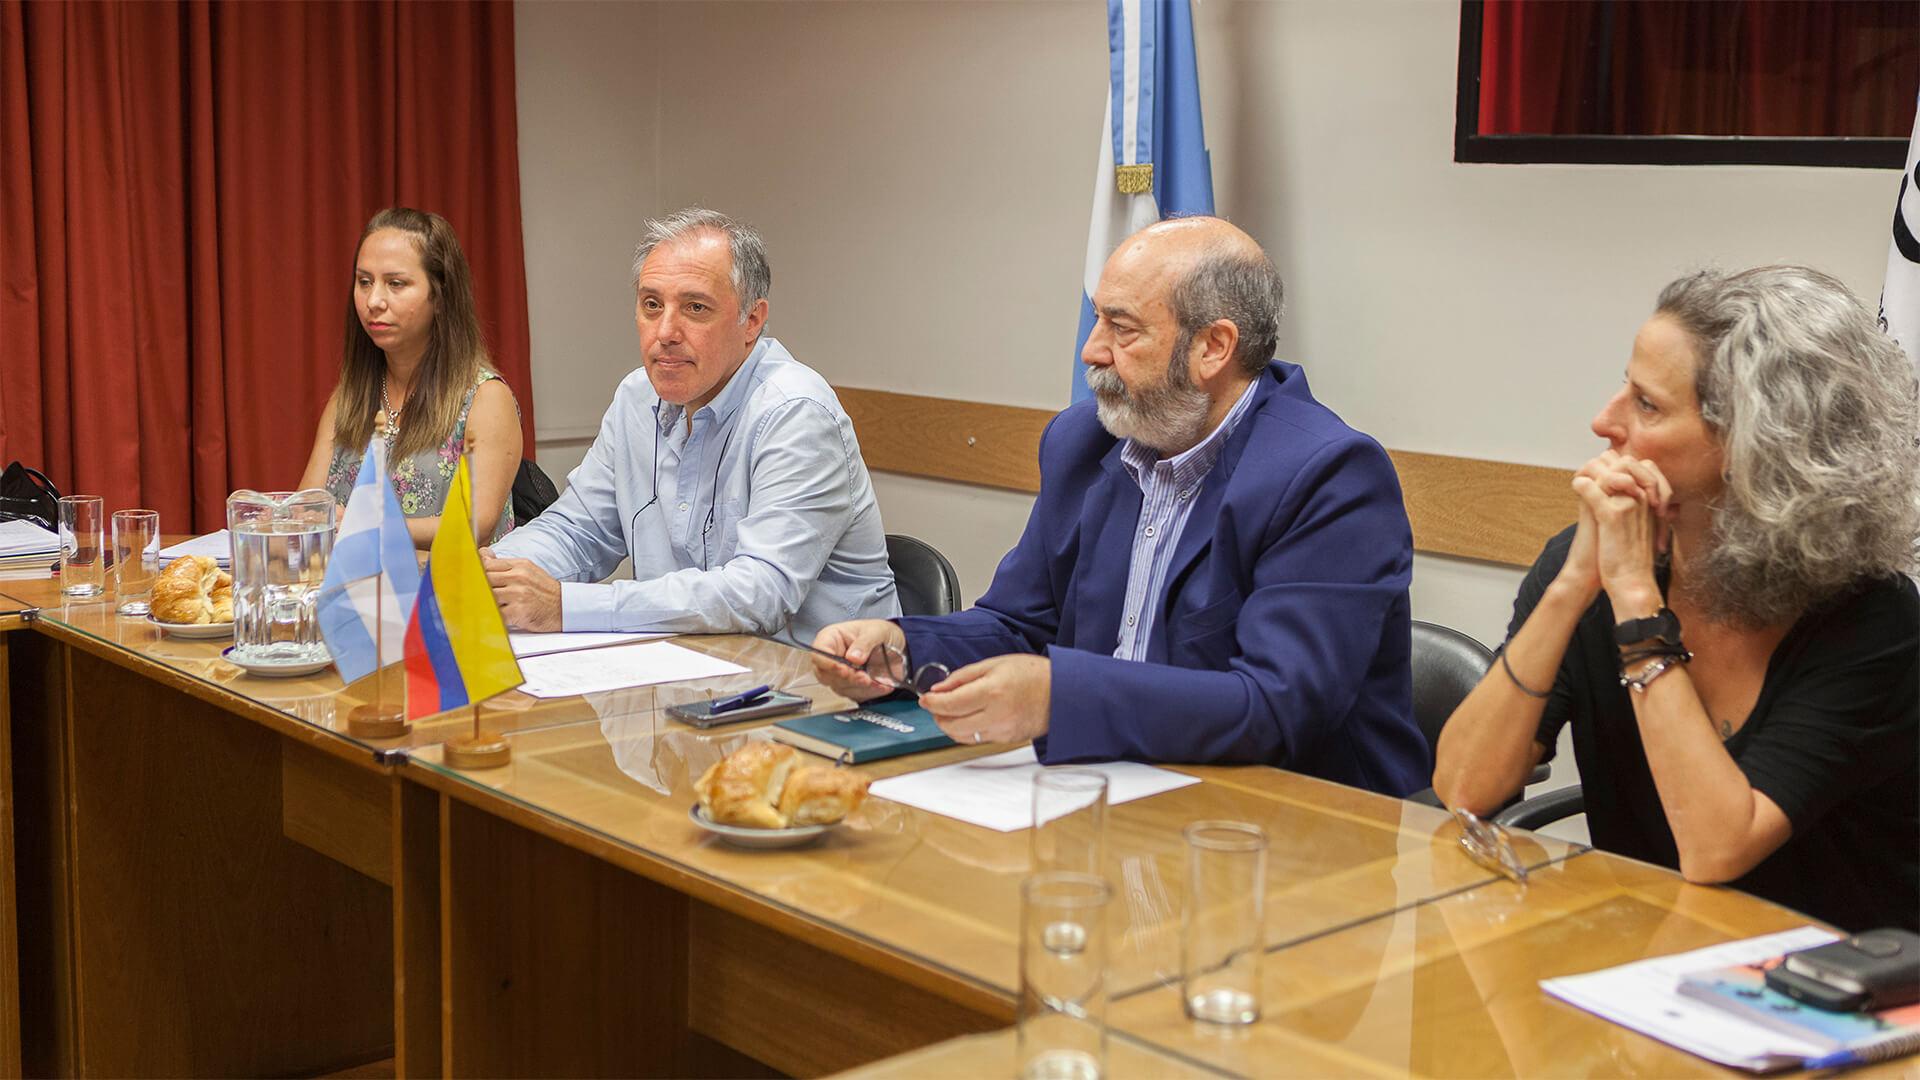 auditores colombianos y argentinos